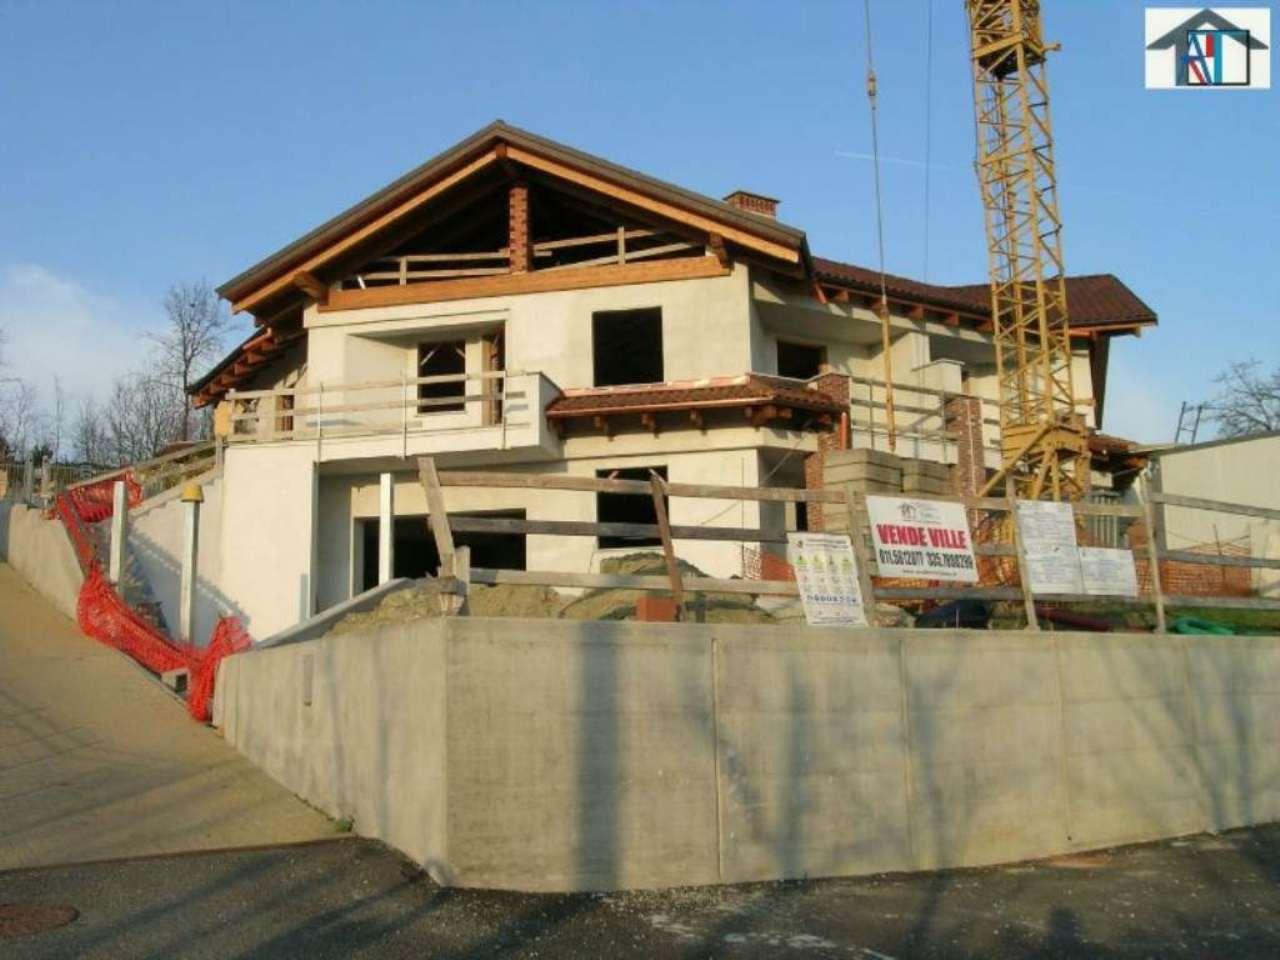 Villa in vendita a Montaldo Torinese, 9999 locali, prezzo € 400.000 | CambioCasa.it